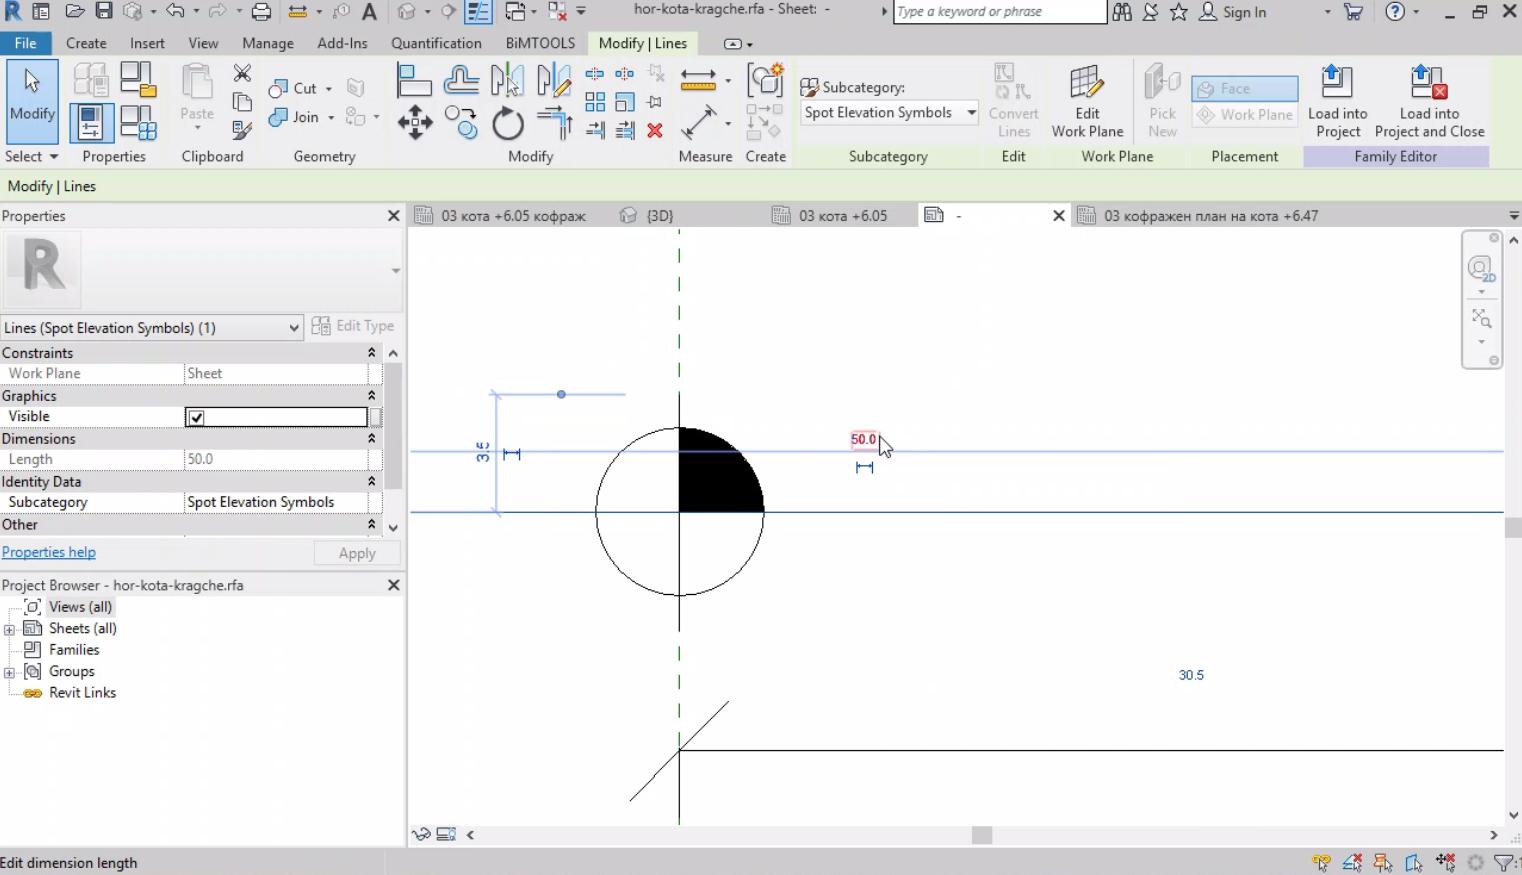 Изготвяне чертеж кофражен план. Анотации в чертежа. Фамилия за кота, Project Base Point. Дименсии